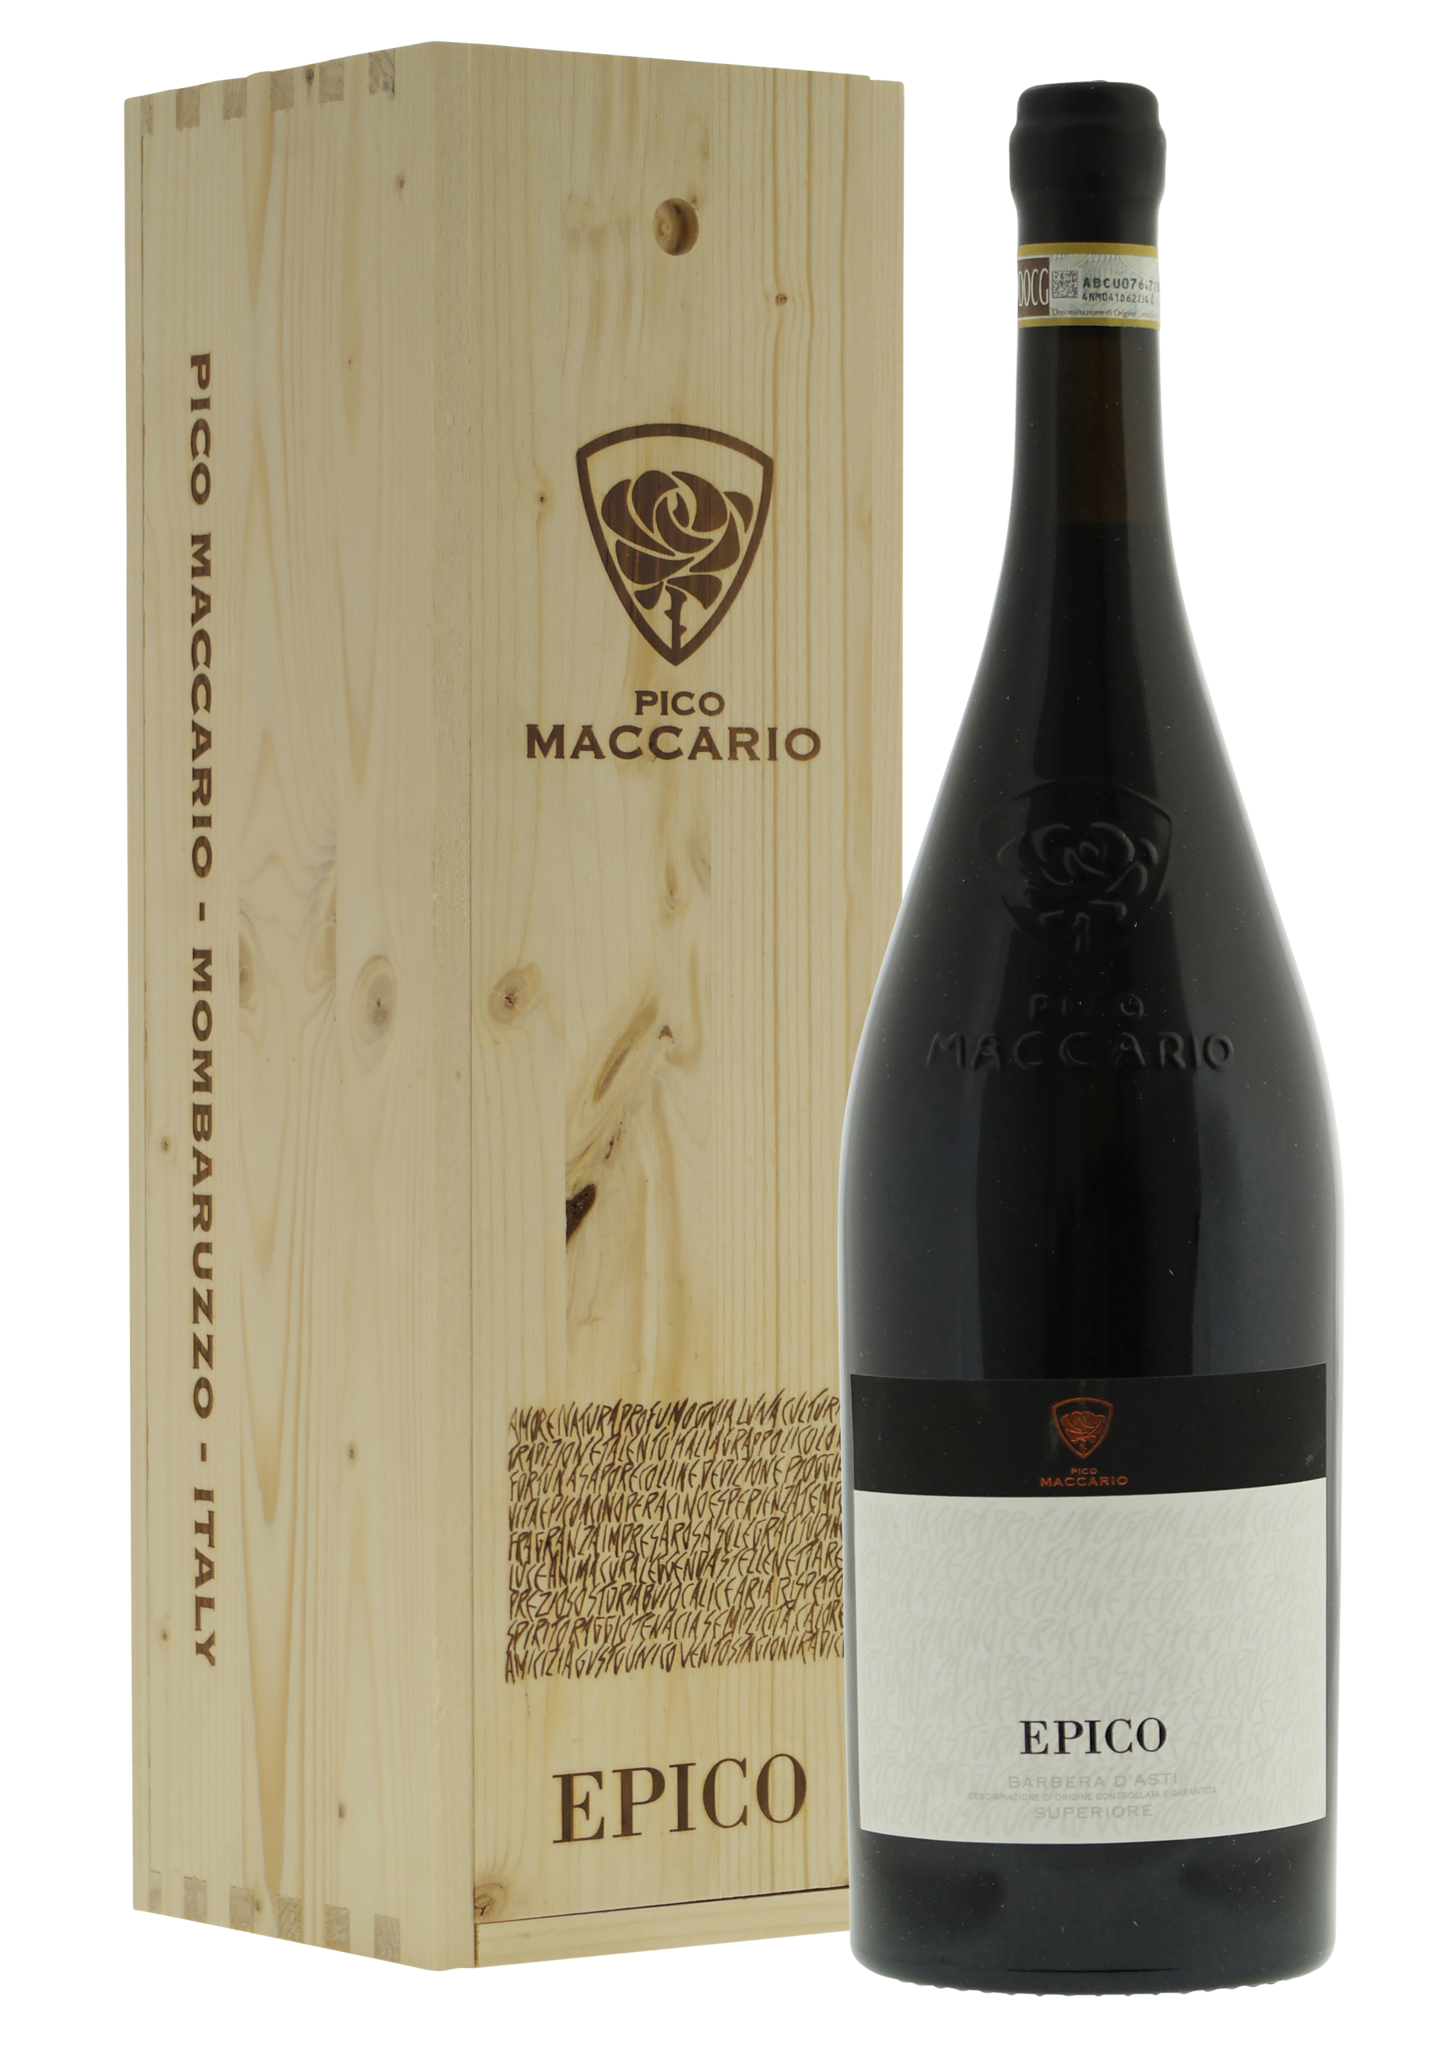 Pico Maccario Epico Magnum